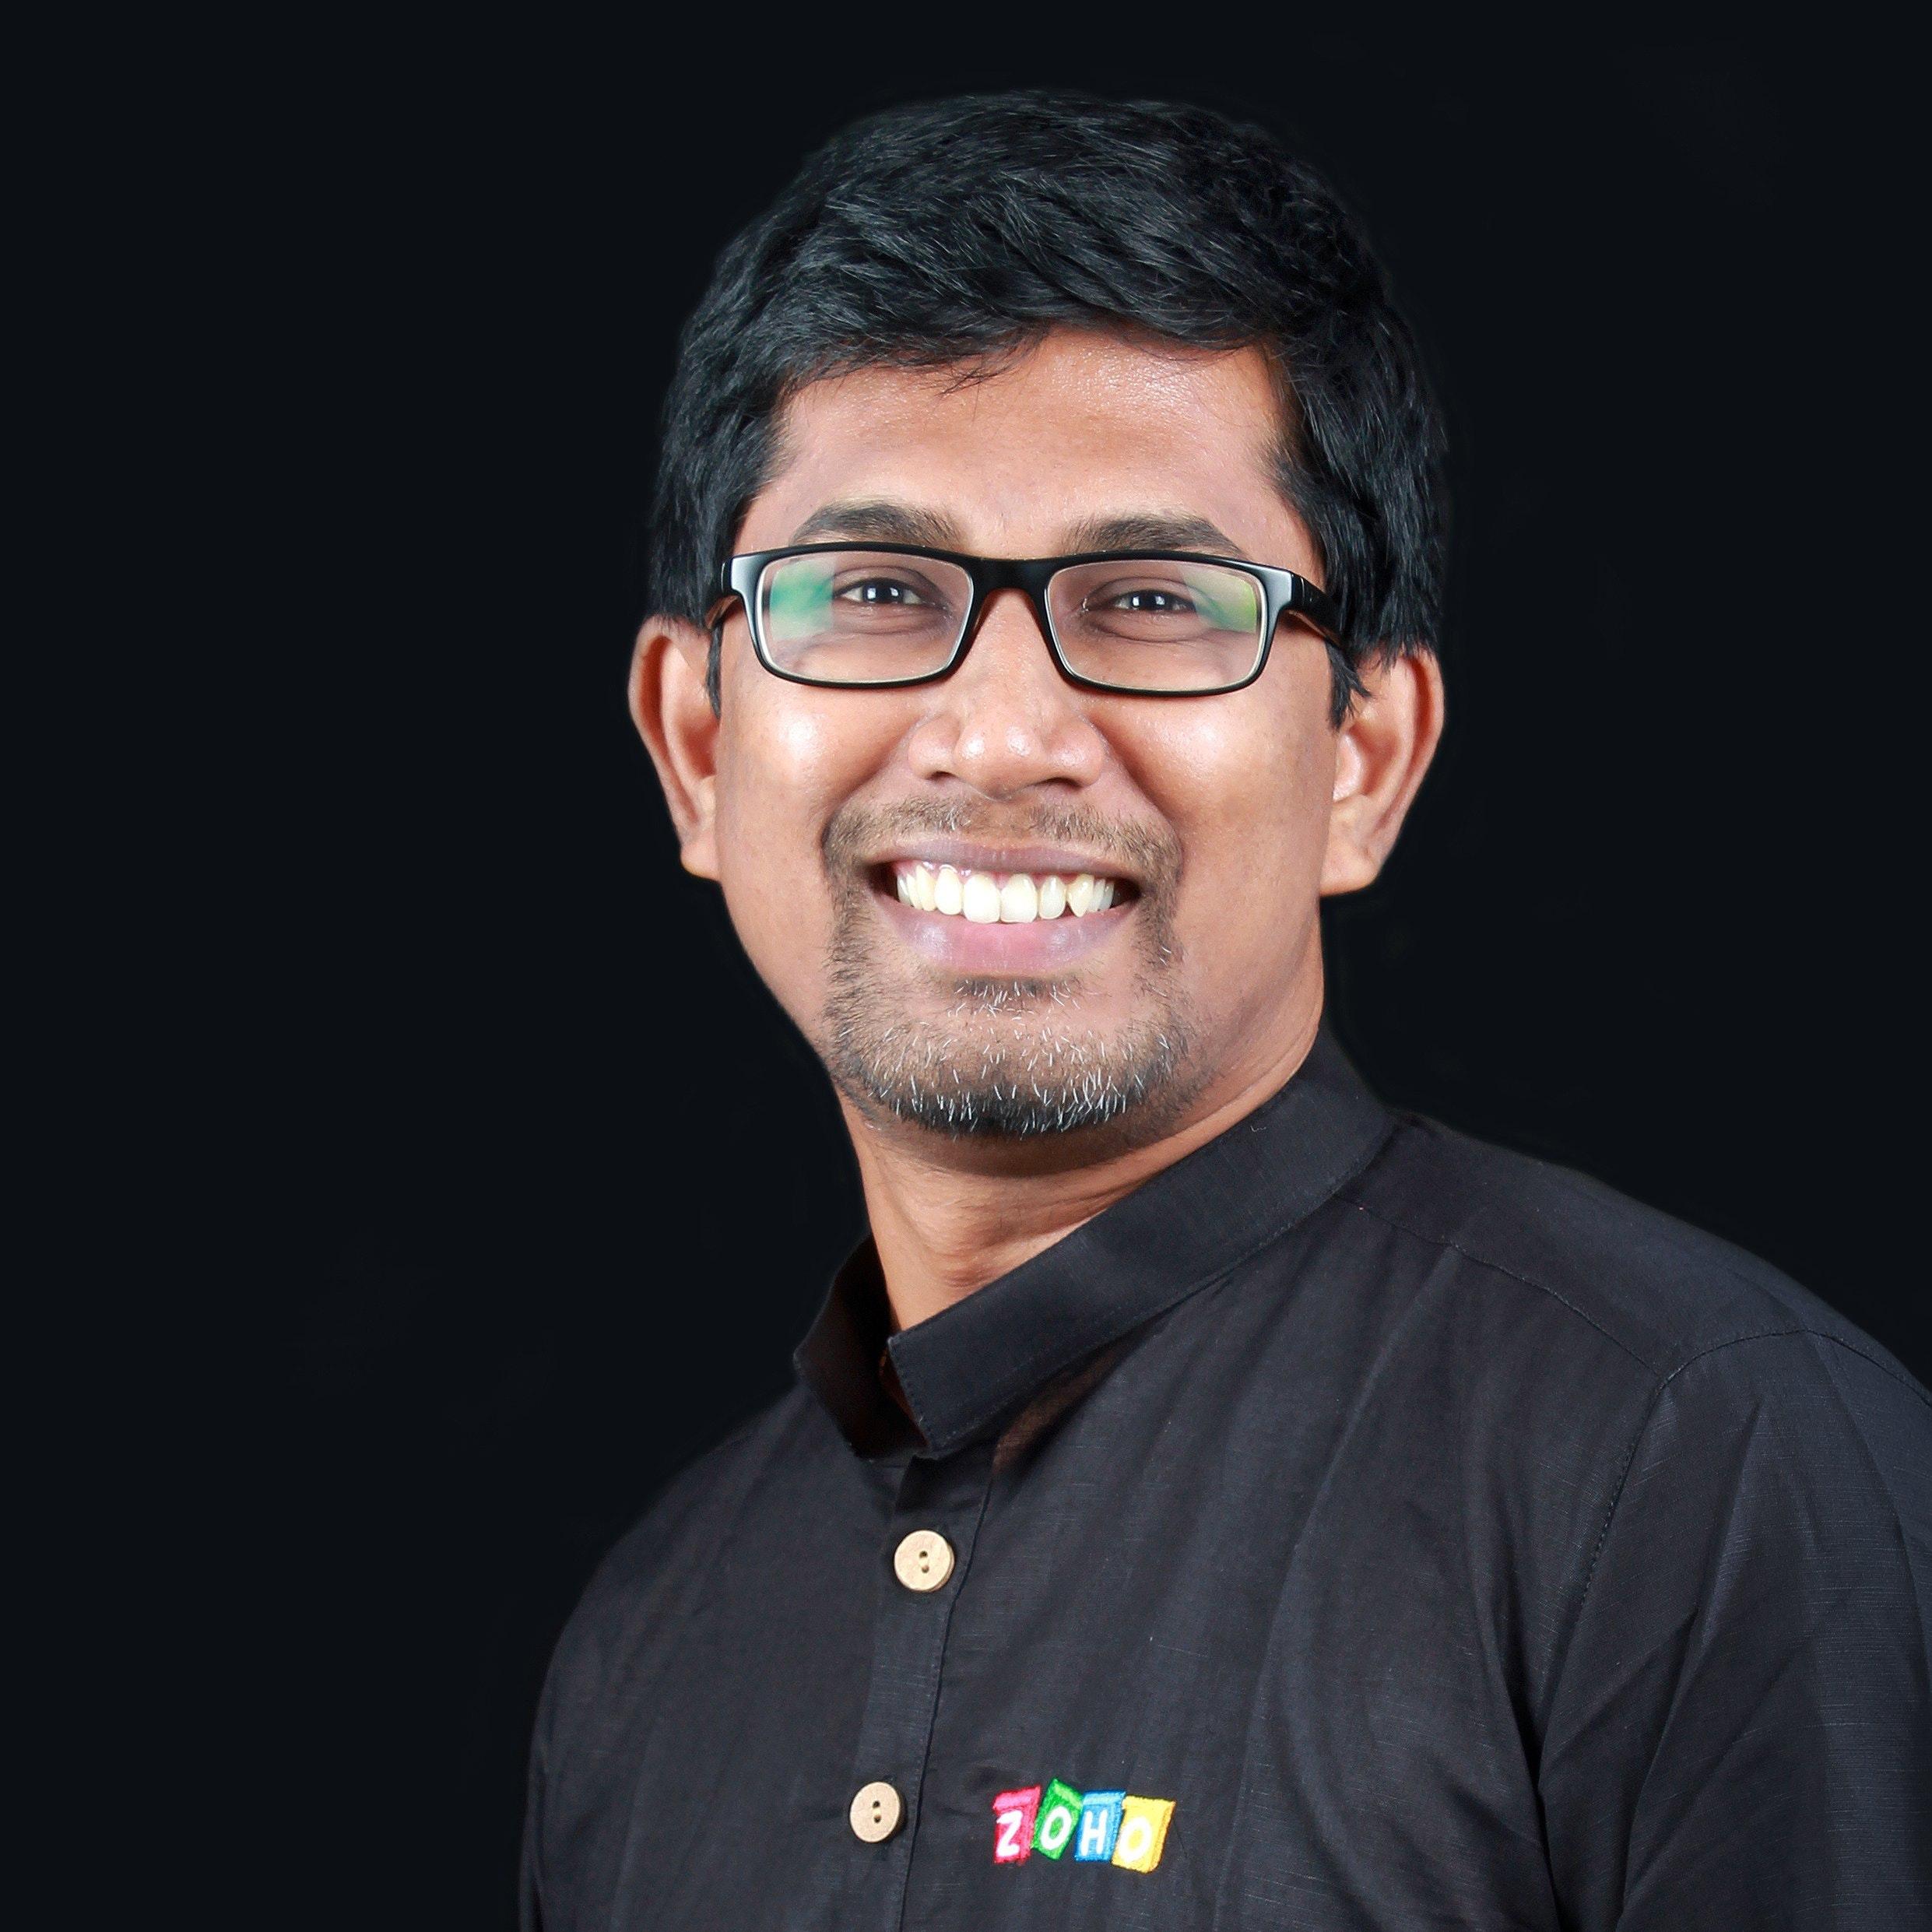 Vijaykumar Sadagopan